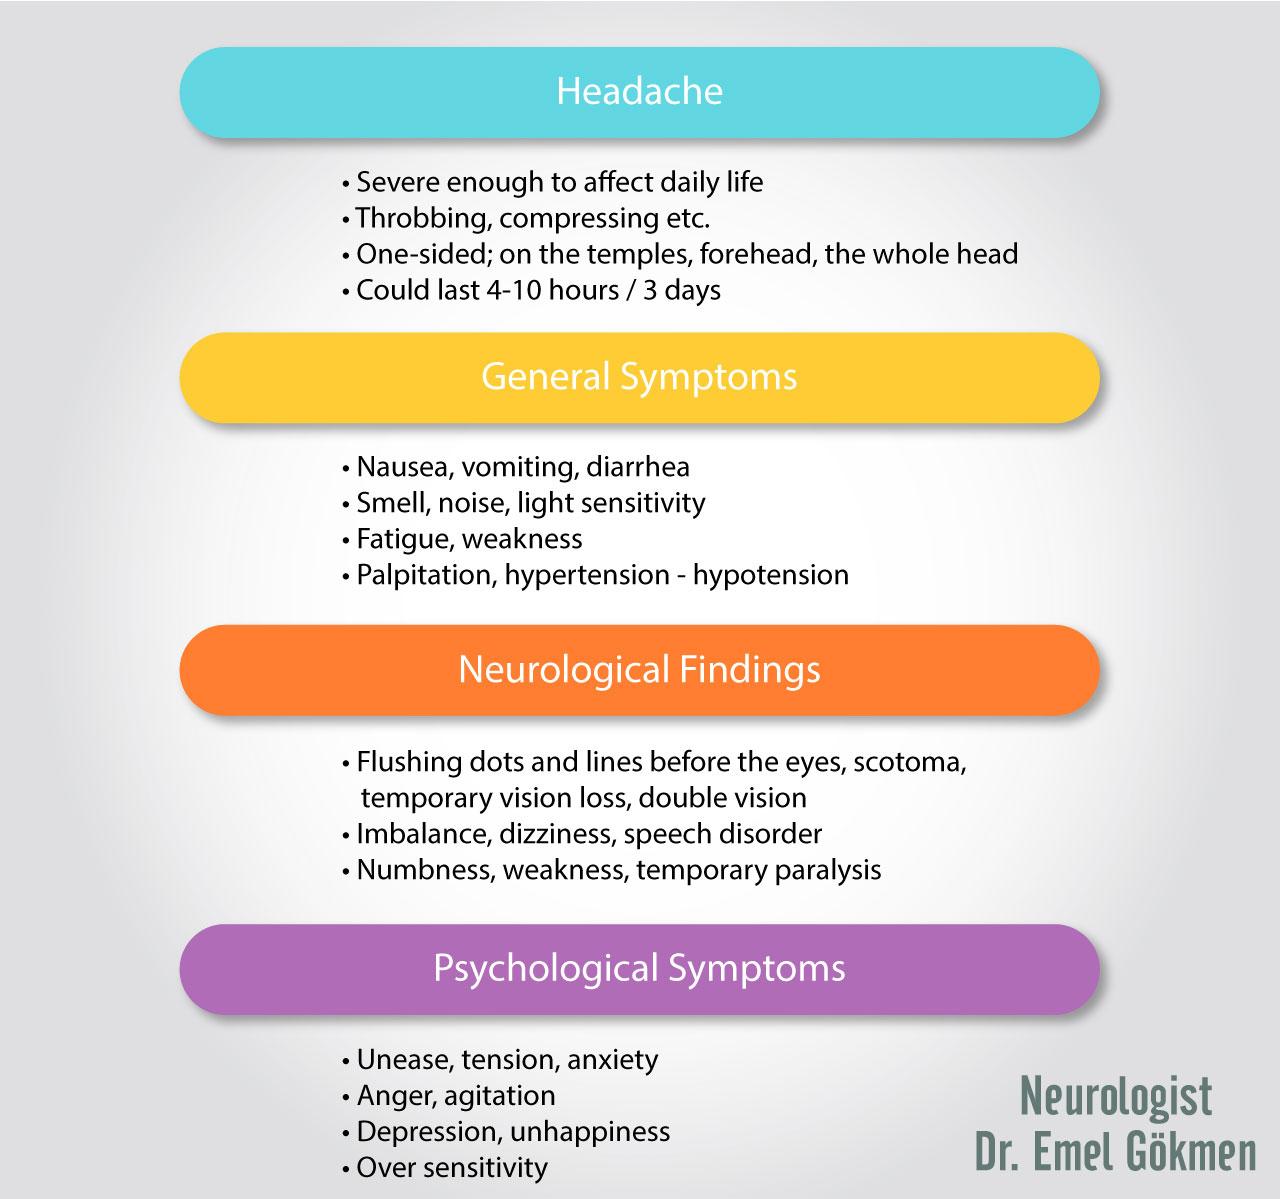 Migraine Symptoms Infographic Dr Emel Gokmen on Autonomic Nervous System Dysfunction